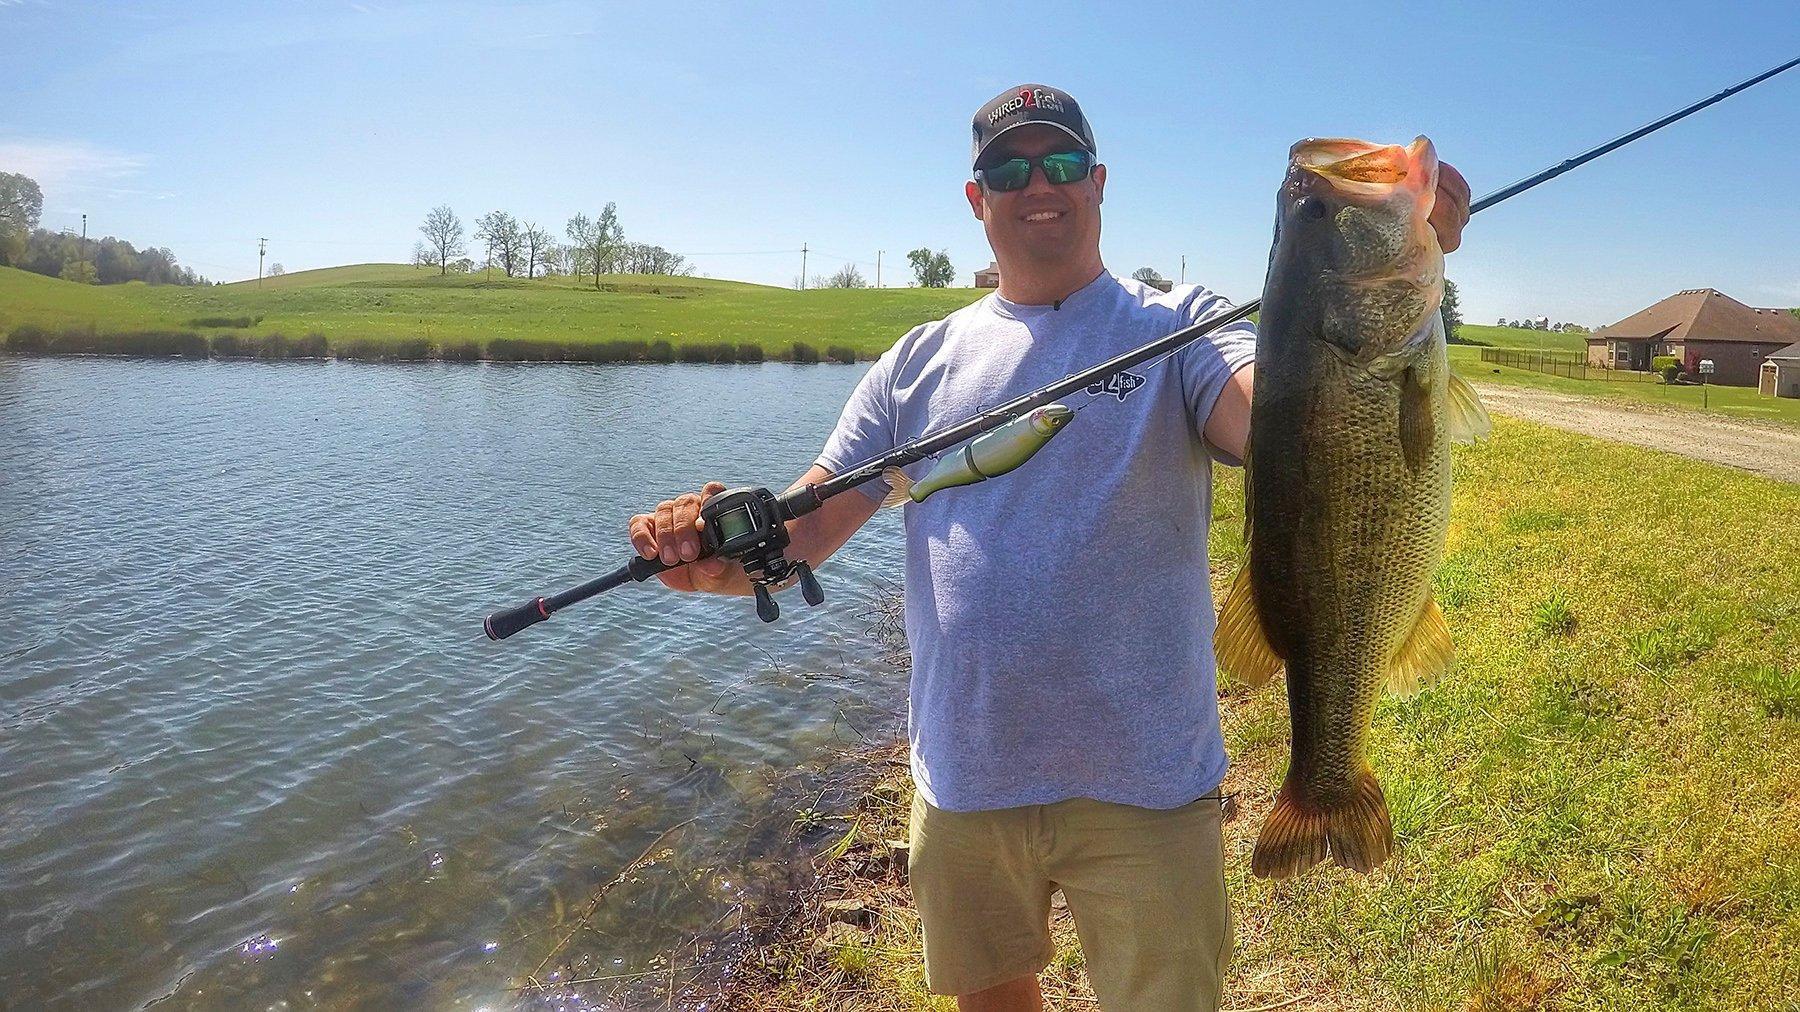 Bank Fishing with Big Swimbaits for Bass